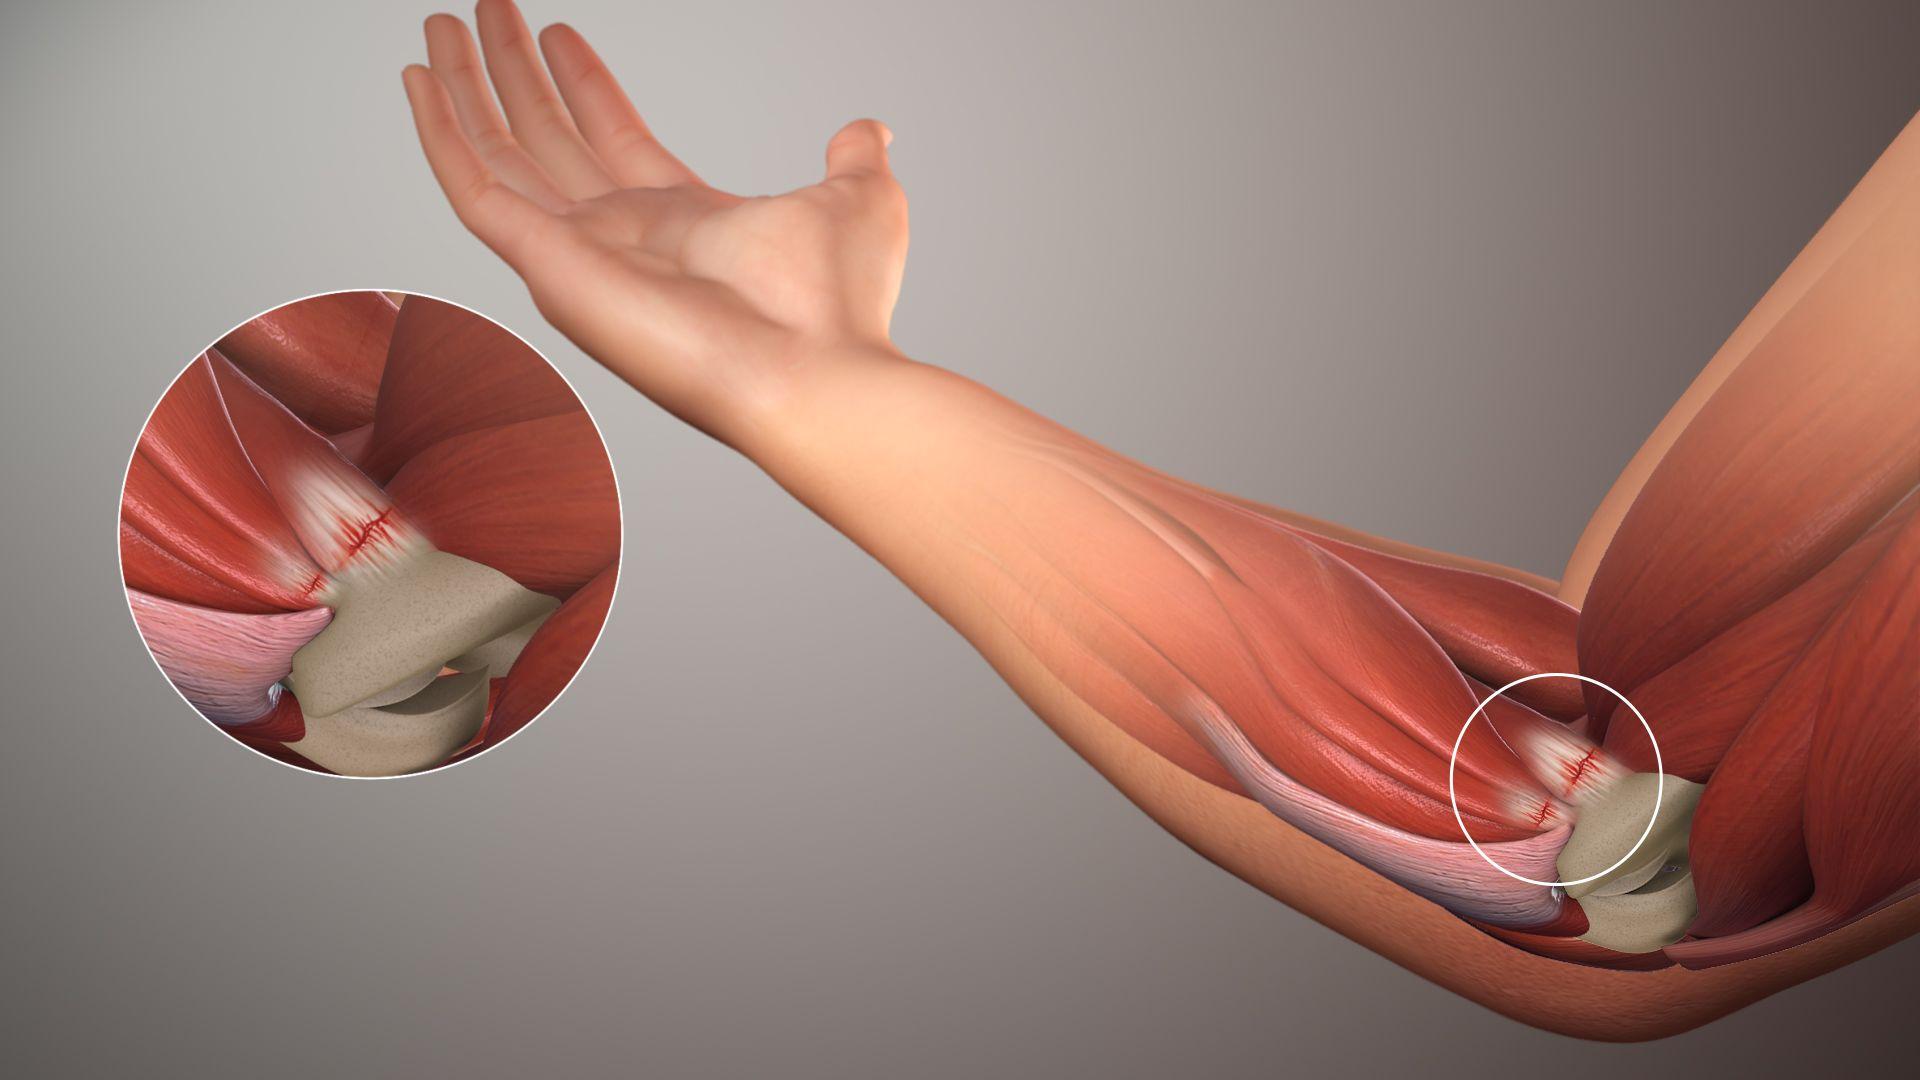 Артроз локтевого сустава — лечение различными методами